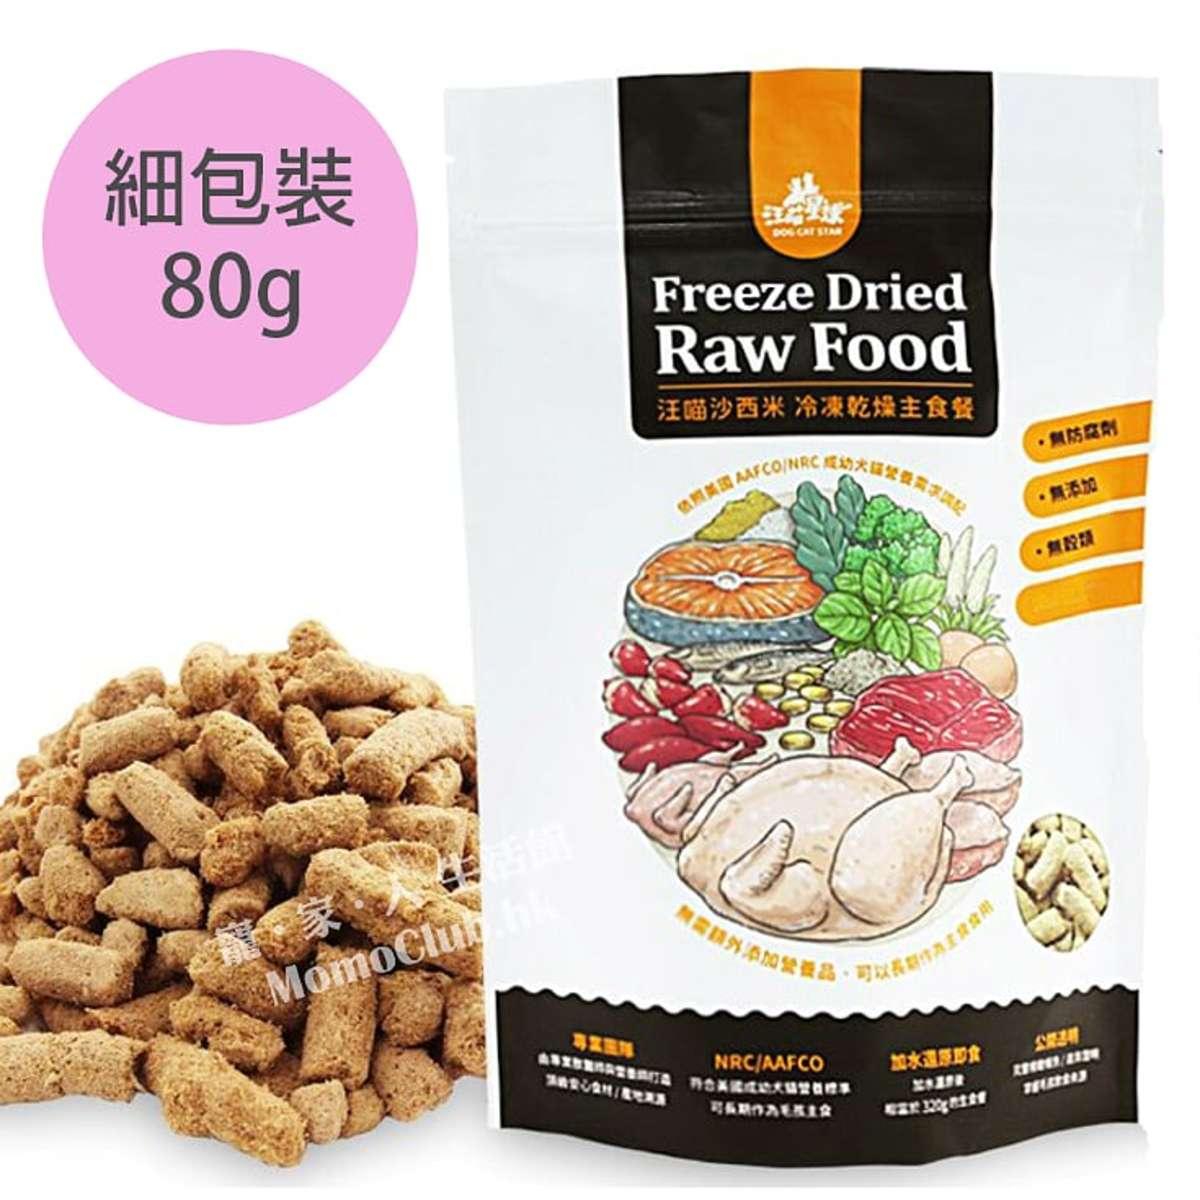 貓咪冷凍乾燥生食餐 (安心雞) 80g